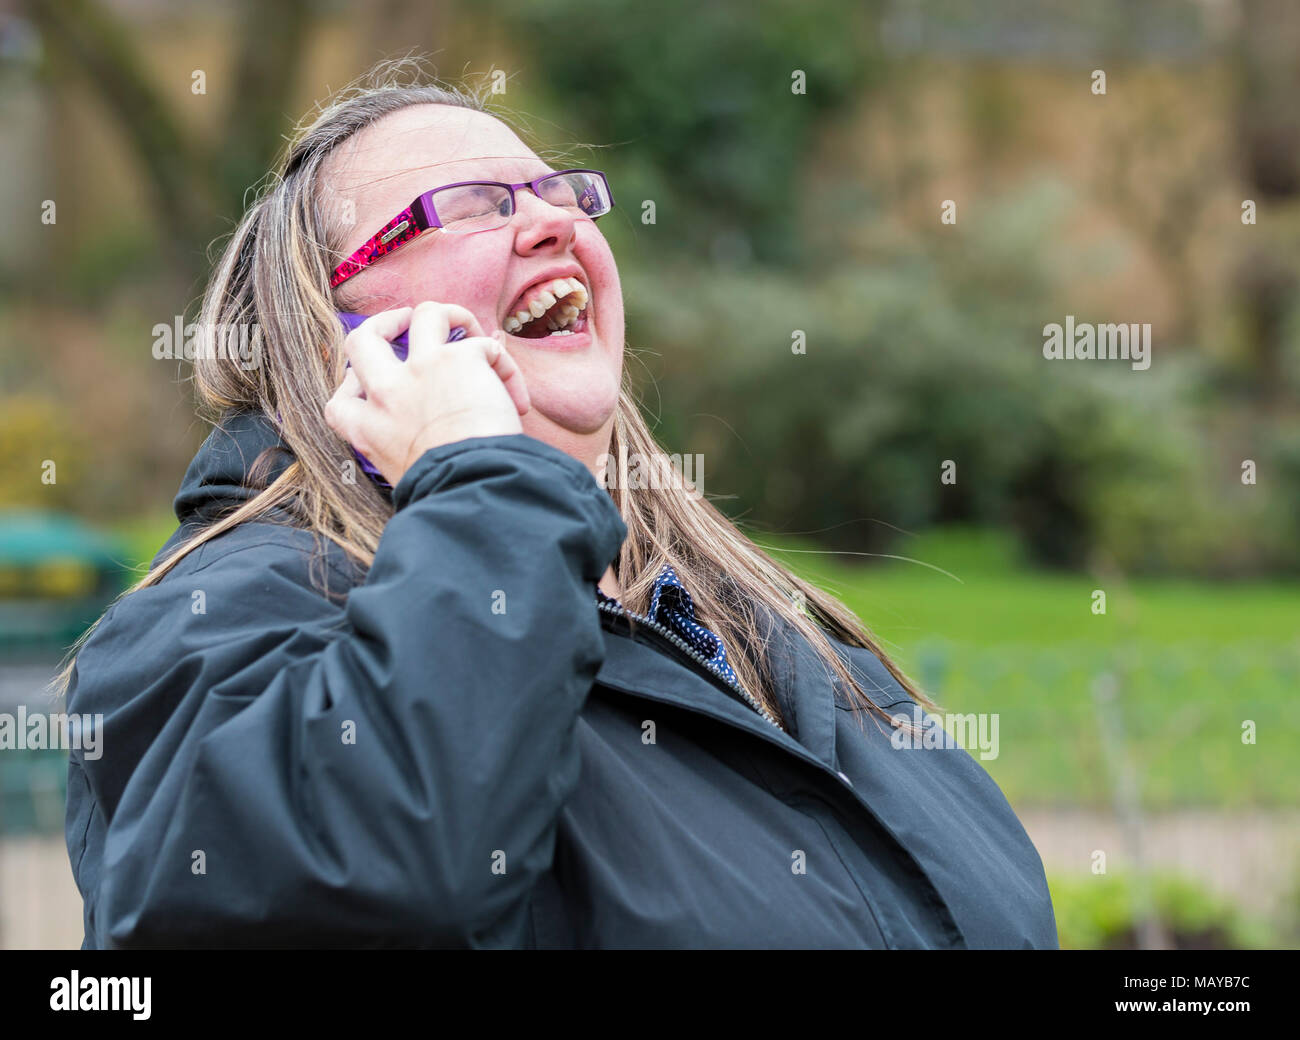 Jeune femme en riant et à heureux tout en profitant d'une conversation téléphonique avec un ami. Concept de bonheur. Avoir un rire. Rire avec des amis. Photo Stock